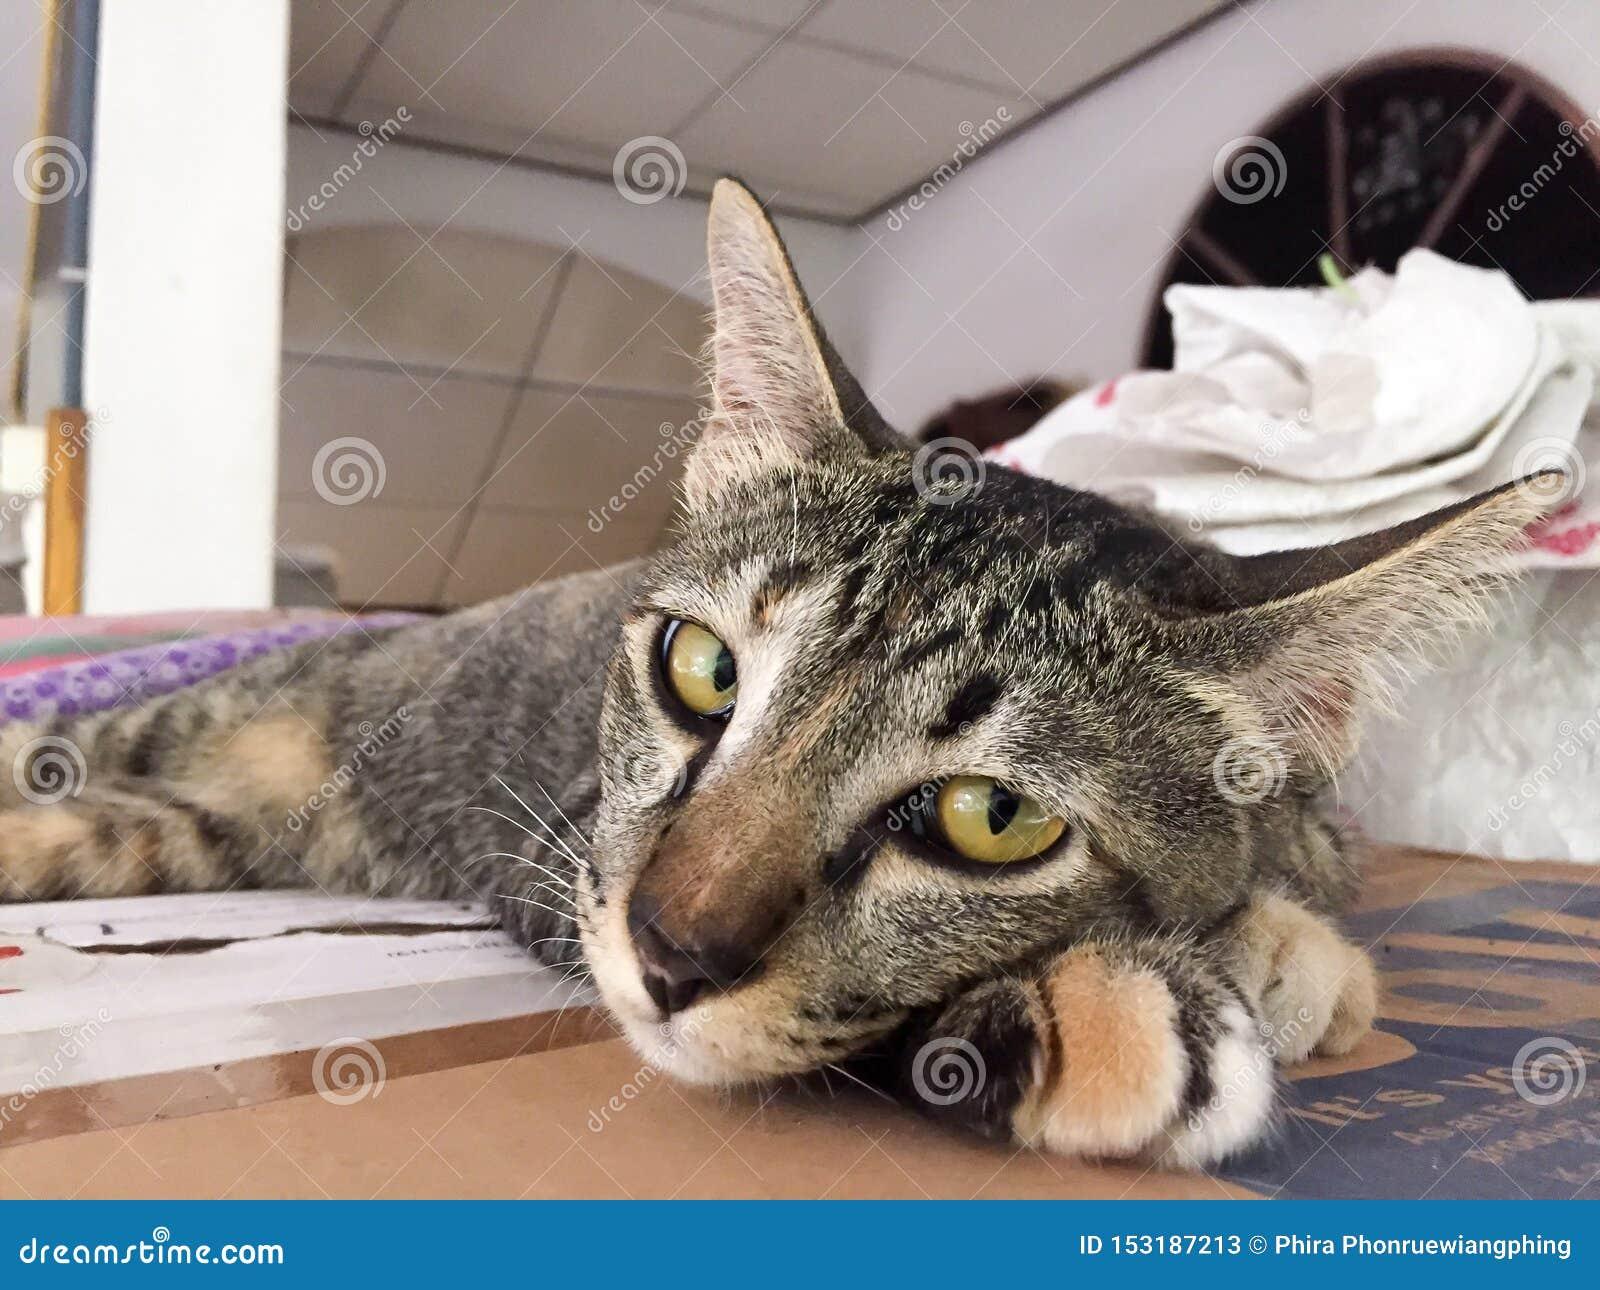 Тайский кот милый кот, оно спит r